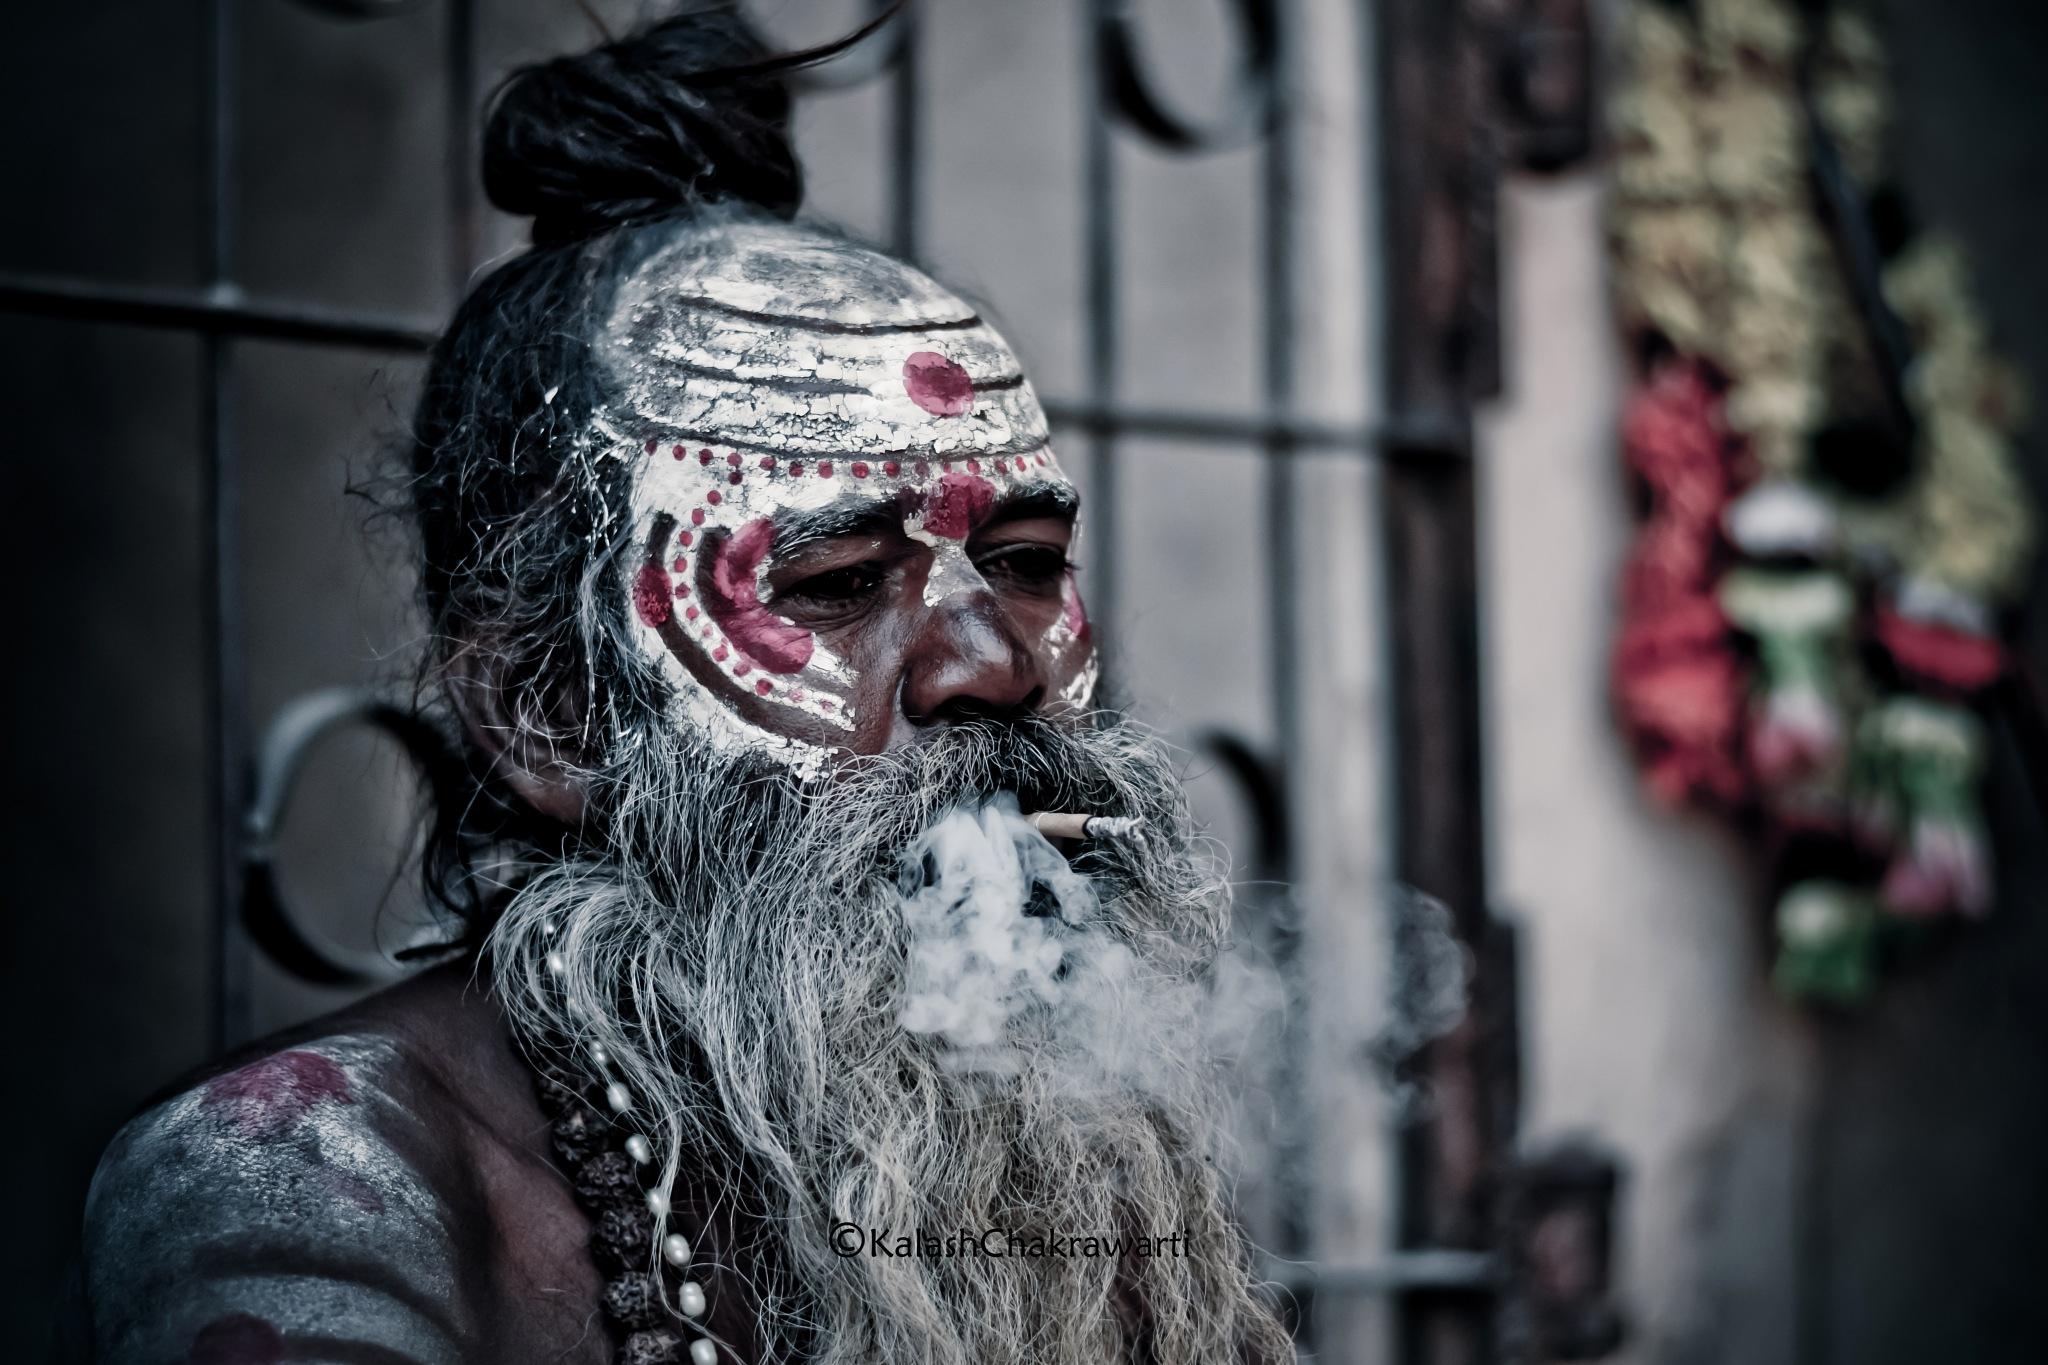 Portrait by Kalash Chakrawarti